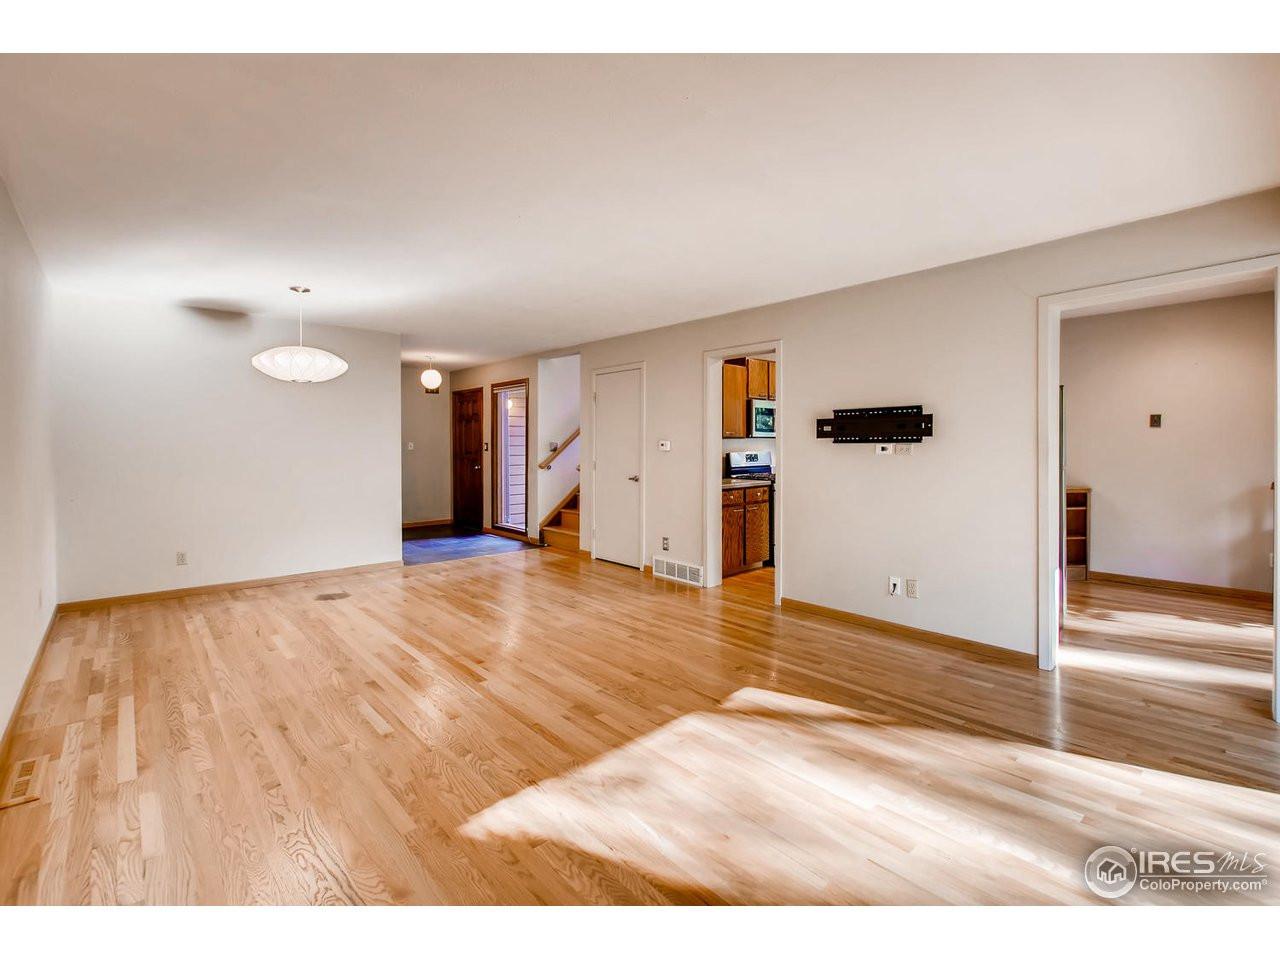 Hardwood Flooring Boulder Co Of 7653 Baseline Rd Boulder Co 80303 Realestate Com In isq90krx26v59v1000000000